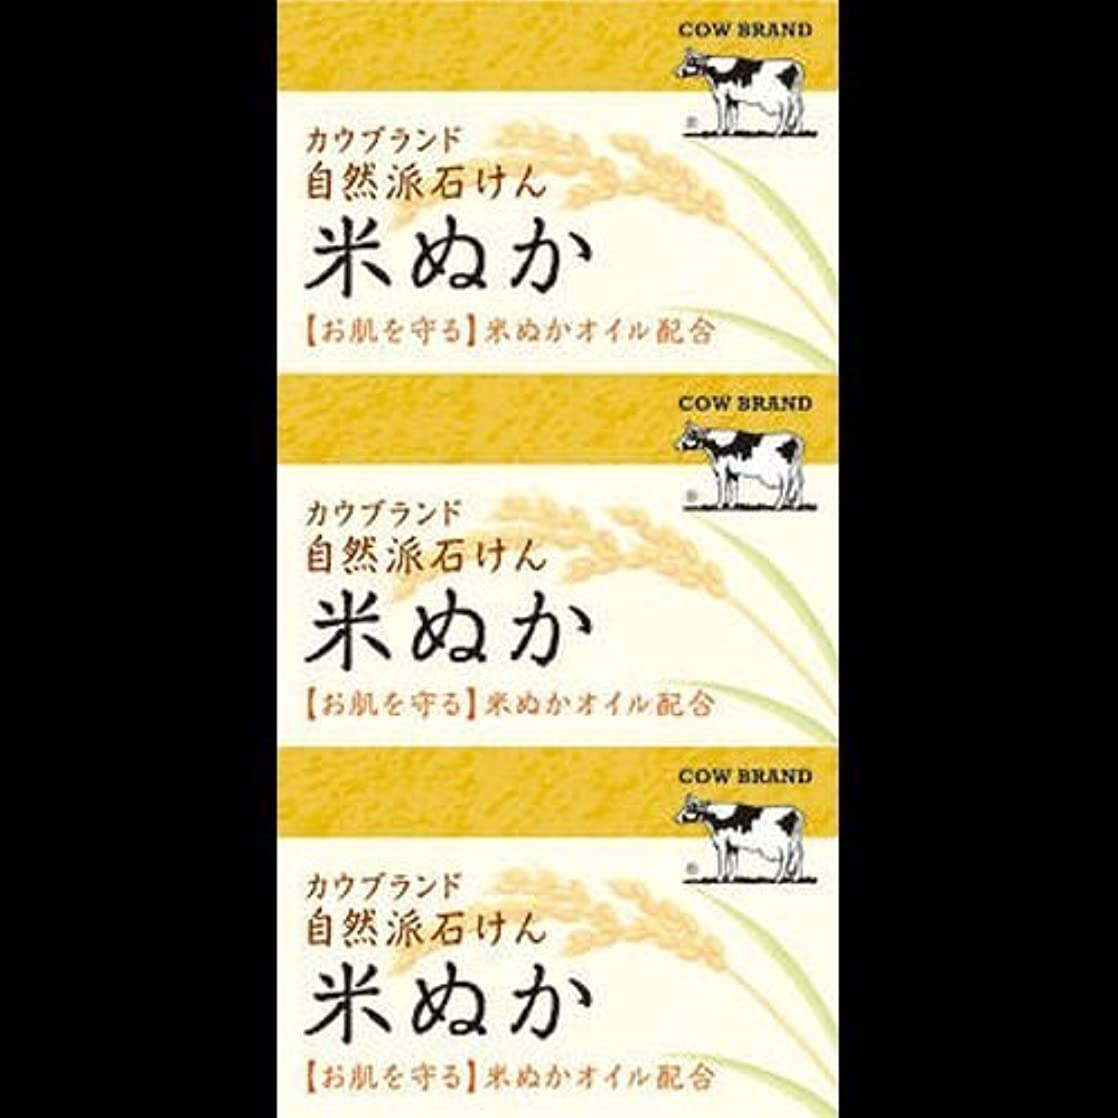 試みしおれた鈍い【まとめ買い】カウブランド 自然派石けん 米ぬか 100g*3個 ×2セット